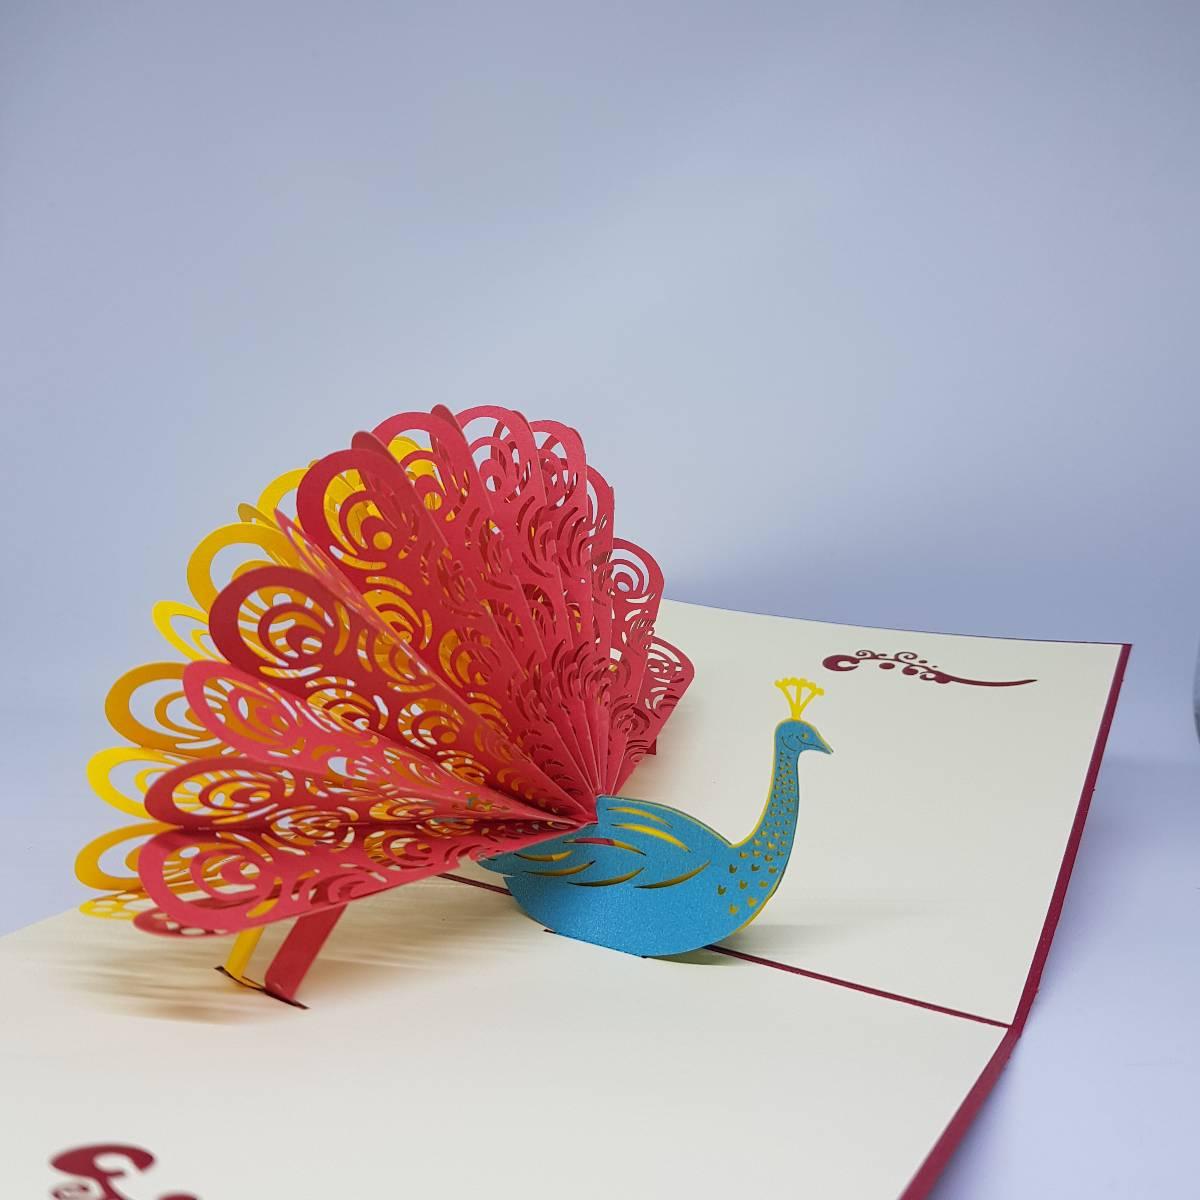 POP UP 3D CARD - Kartu Ucapan 3 Dimensi PEACOCK Greeting Card3